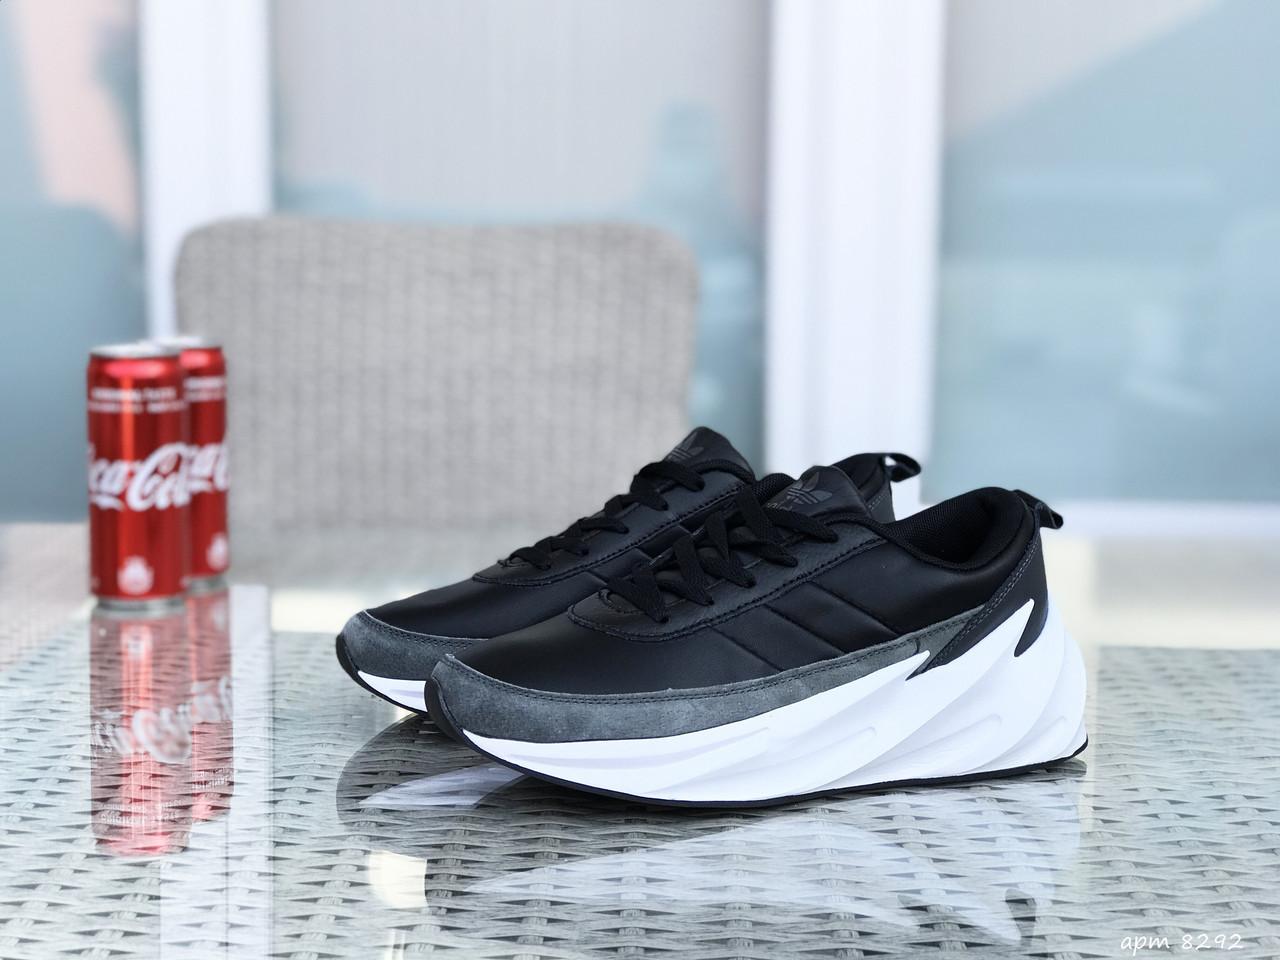 Мужские модные кроссовки Adidas Sharks,черно-серые с белым